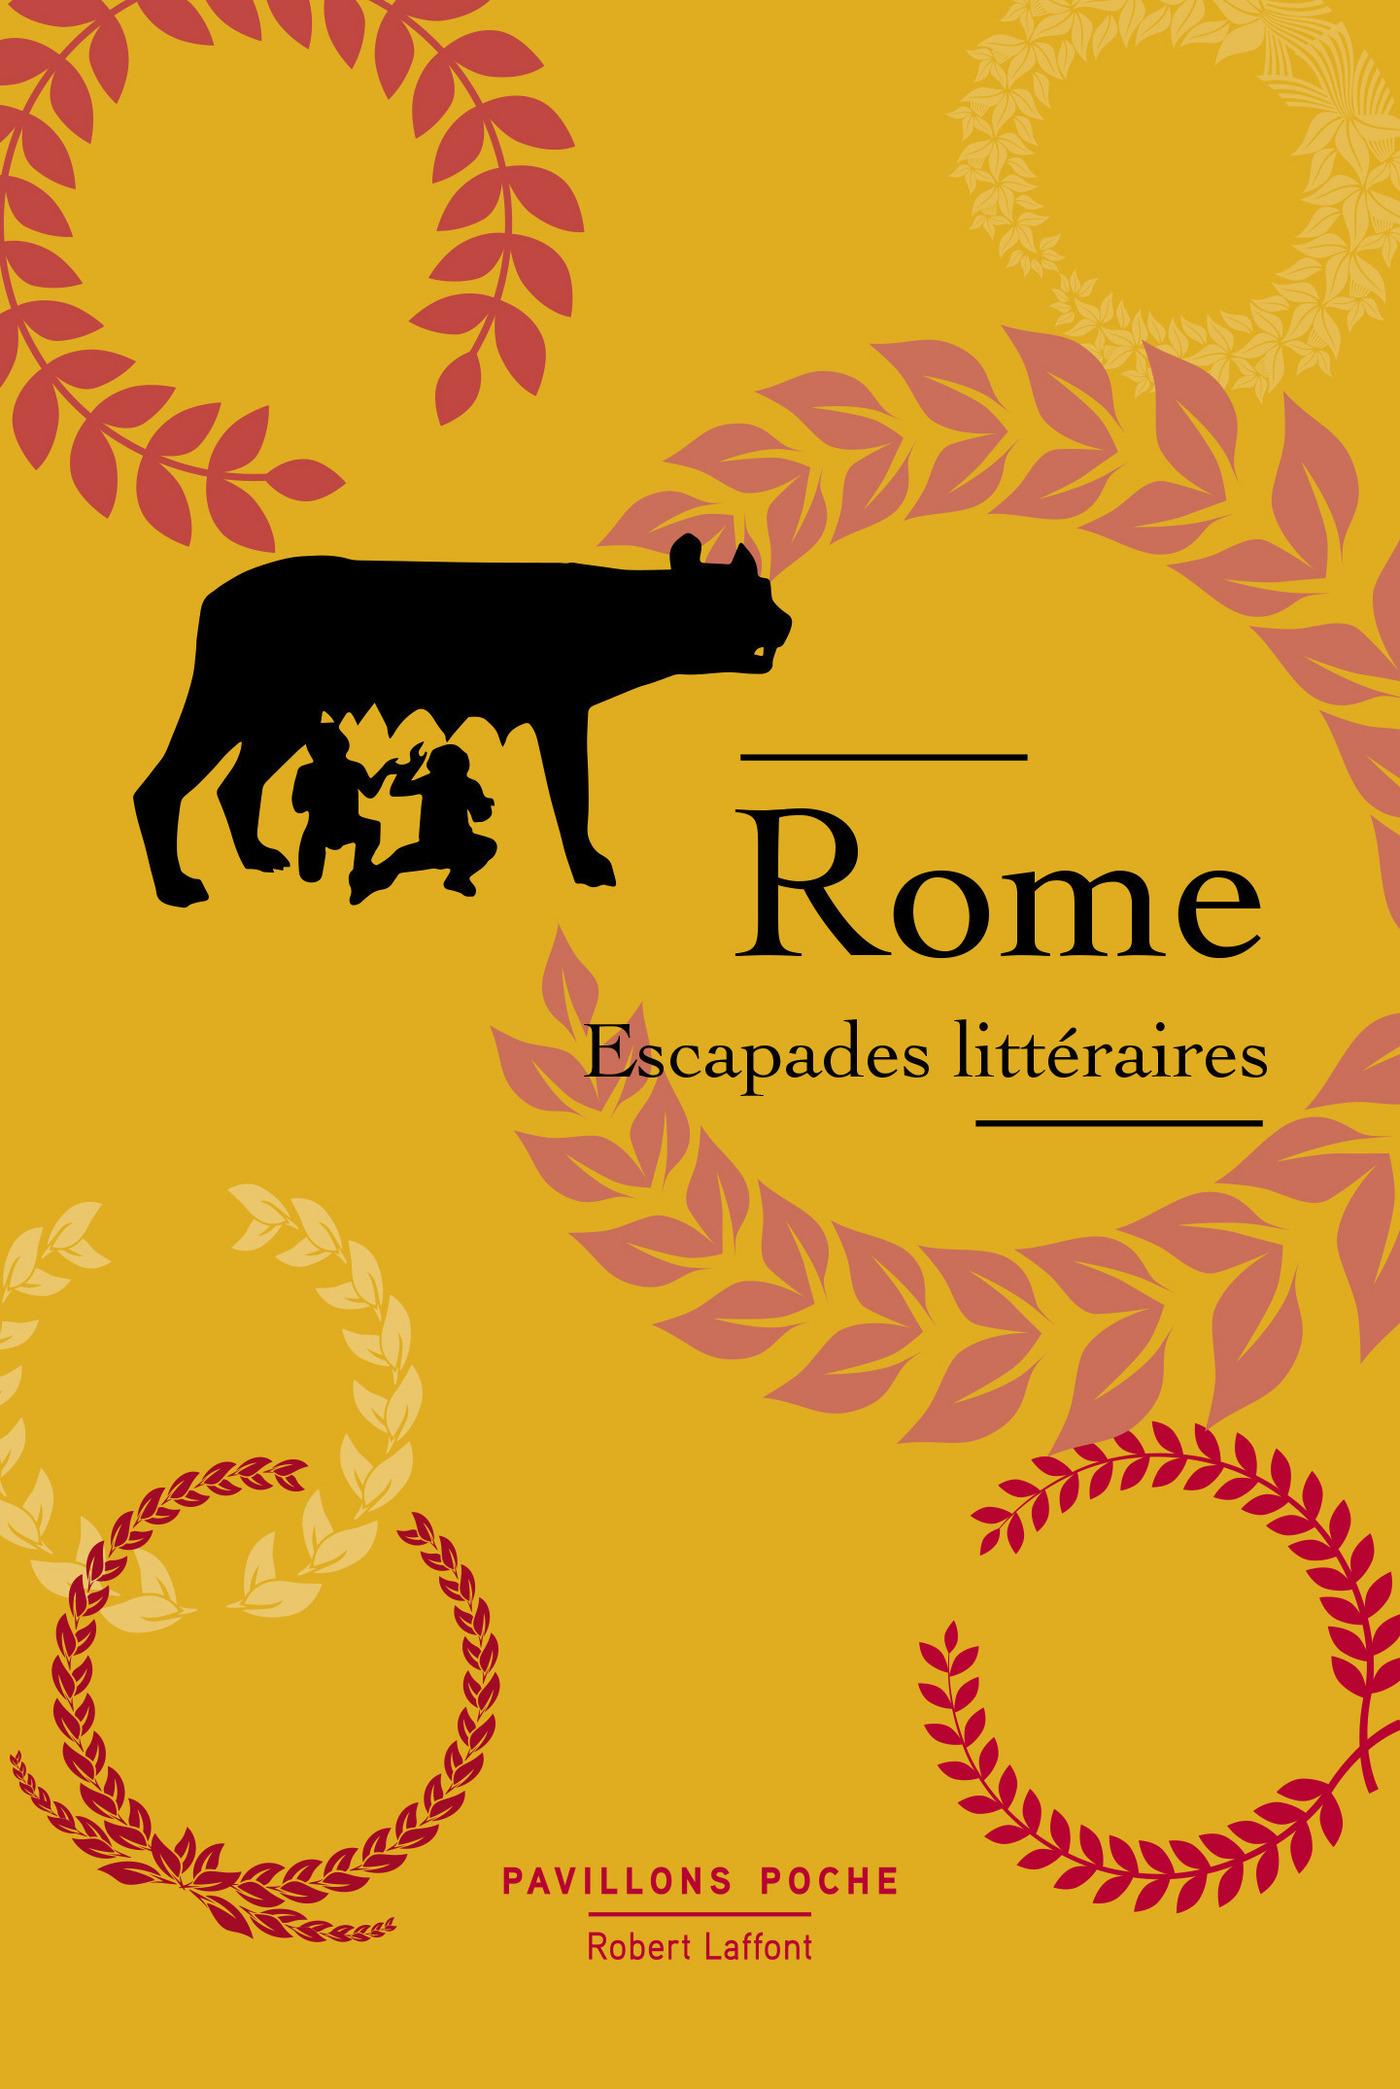 Rome, Escapades littéraires